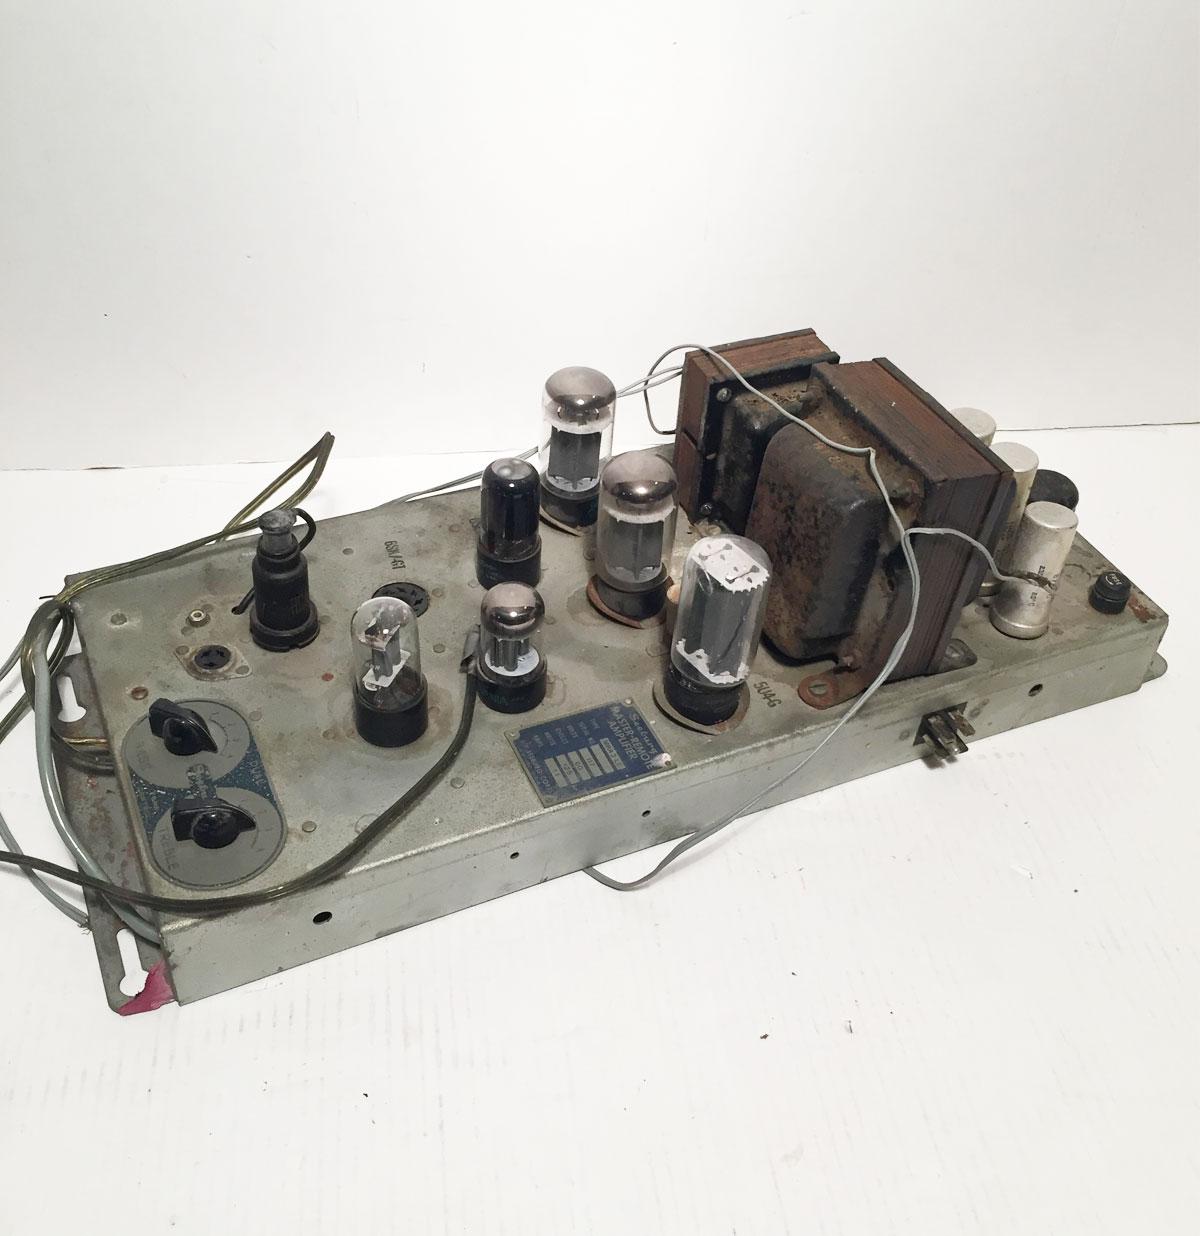 Seeburg MRA3-L6 Versterker voor de Seeburg C of W jukebox - origineel